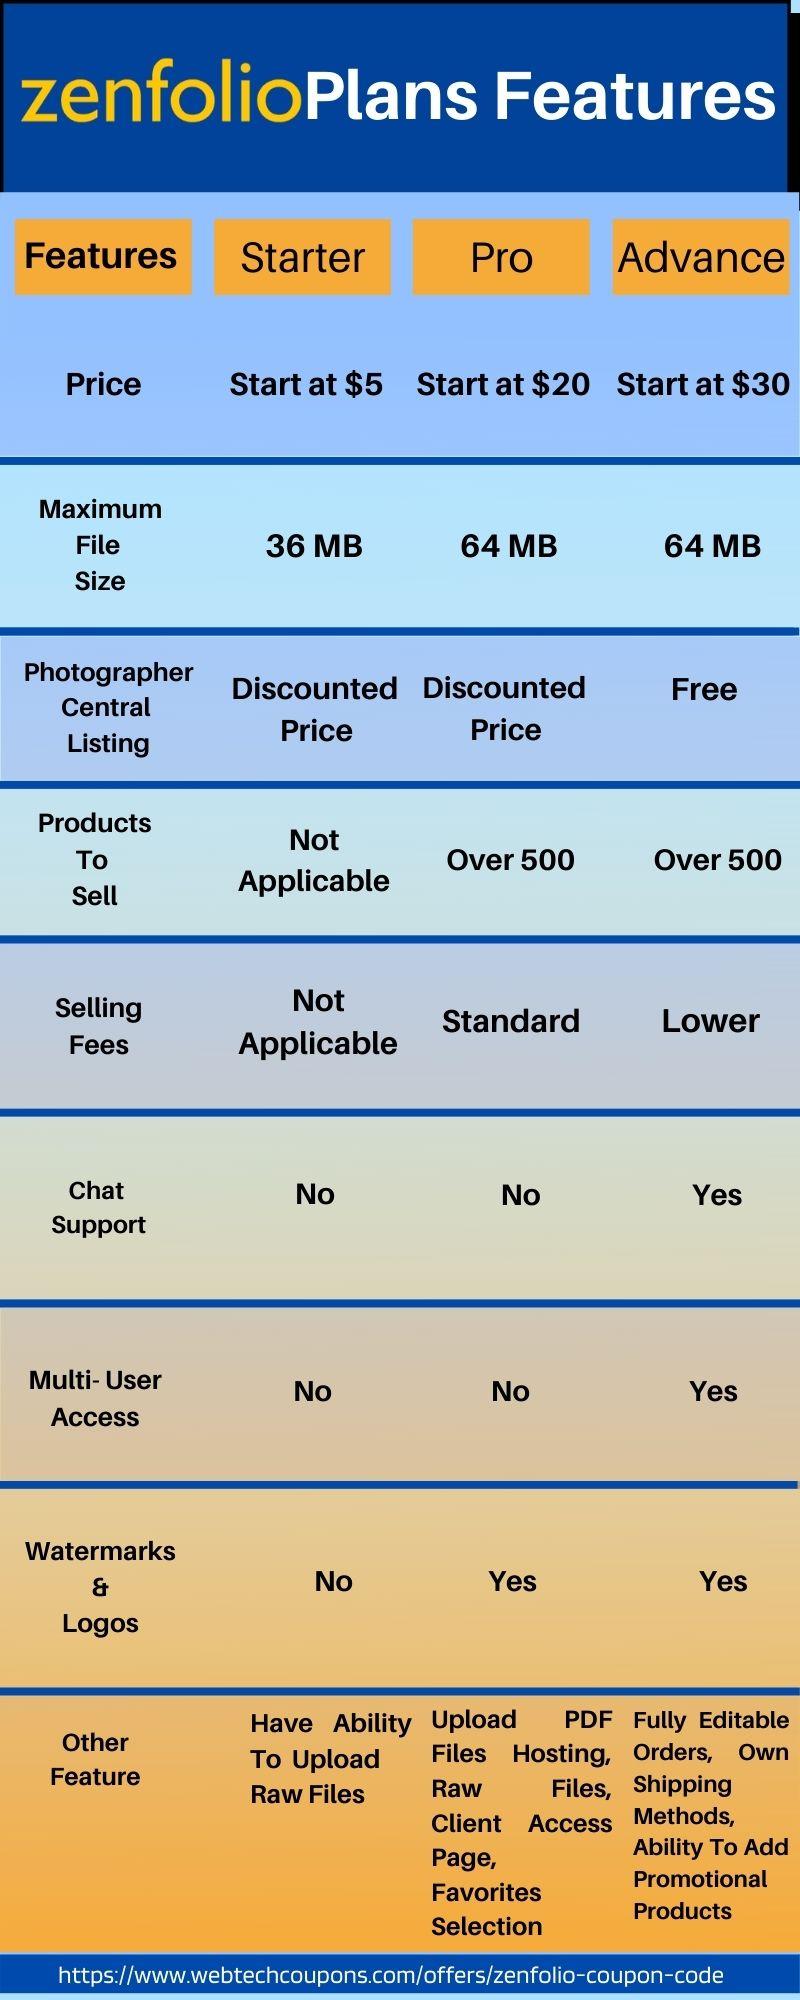 Zenfolio Discount Code Plans Features